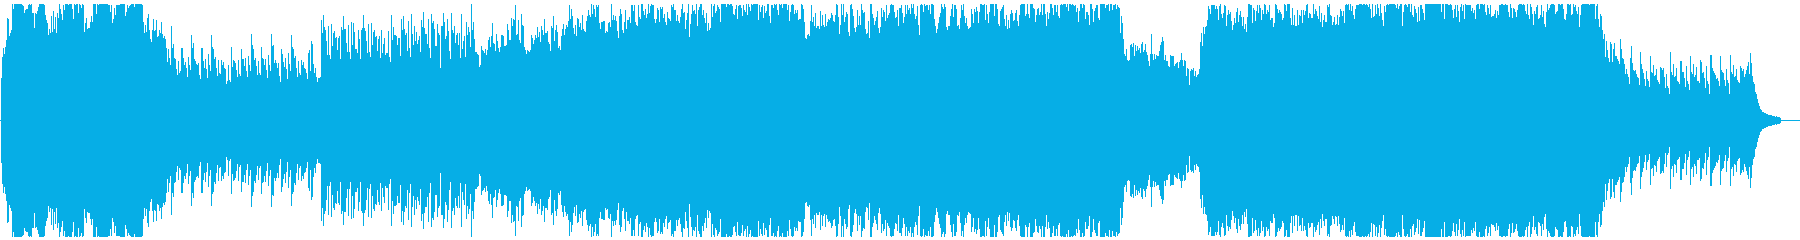 切ない/悲哀/ファンタジー/オーケストラの再生済みの波形